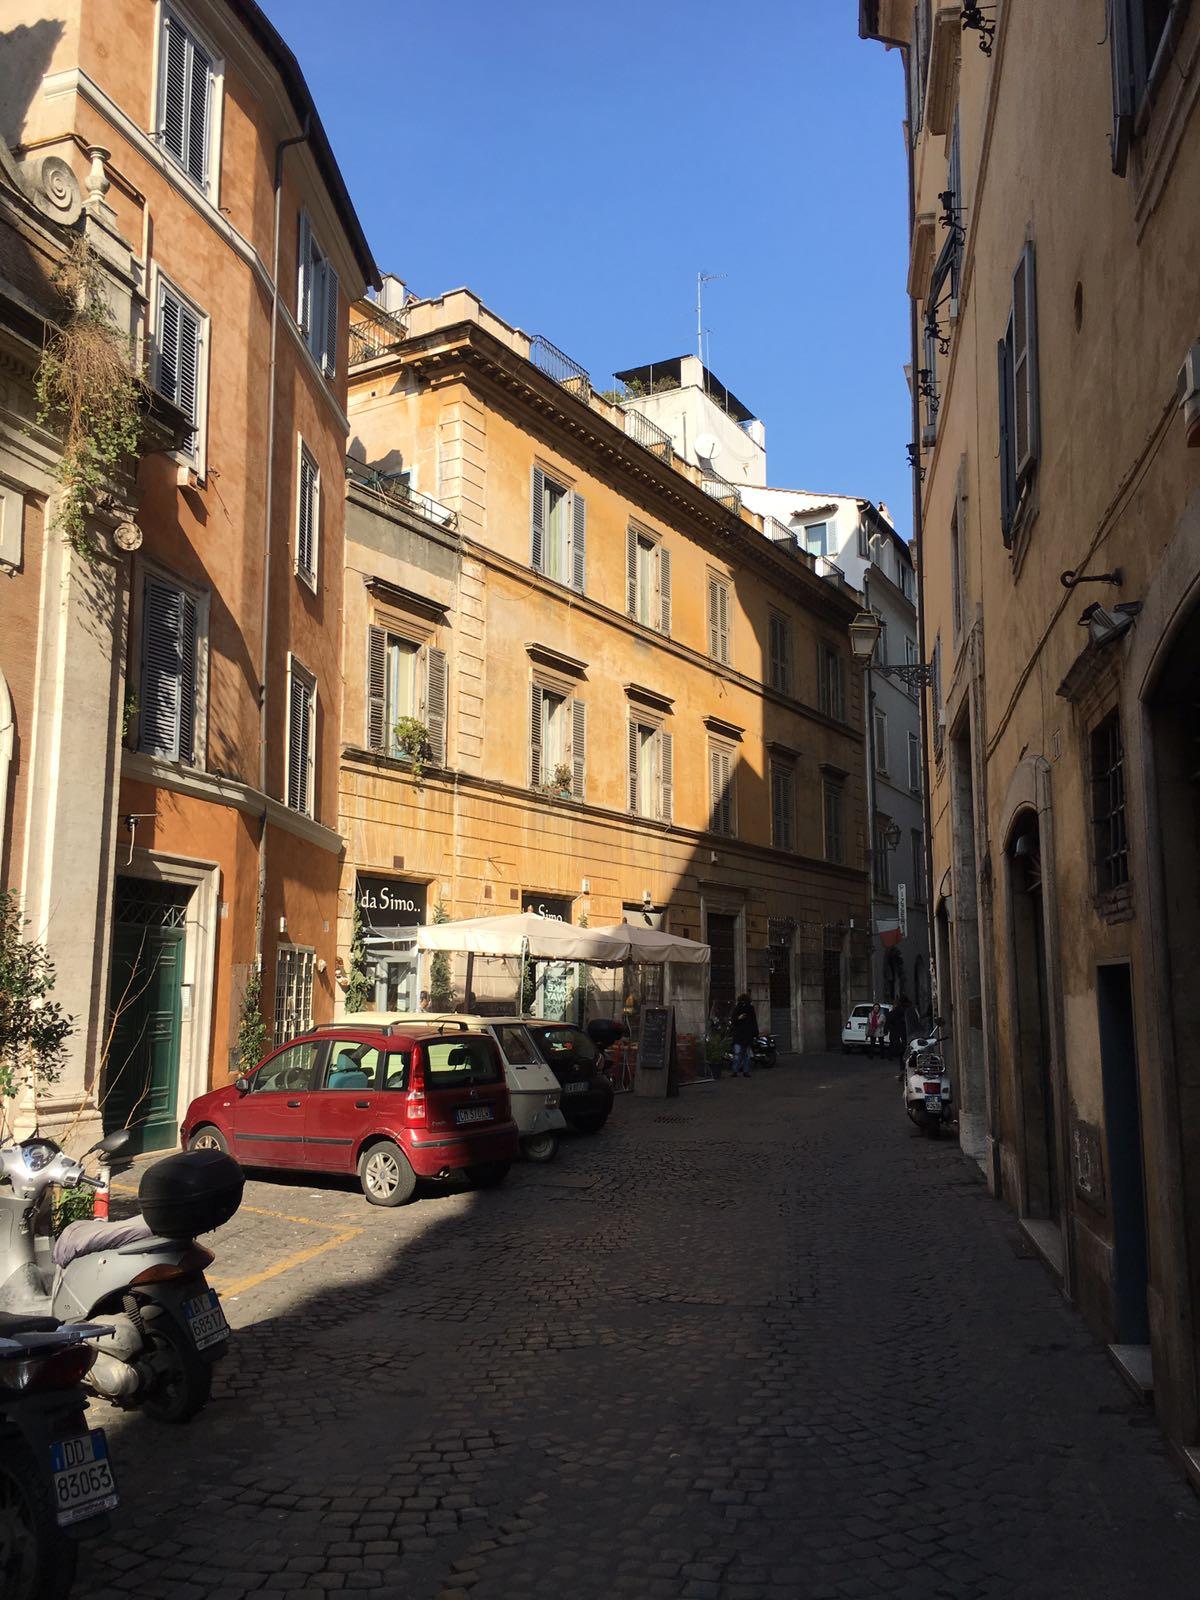 Cbi072 ex662 negozio in affitto a roma centro storico for Locali commerciali roma centro affitto